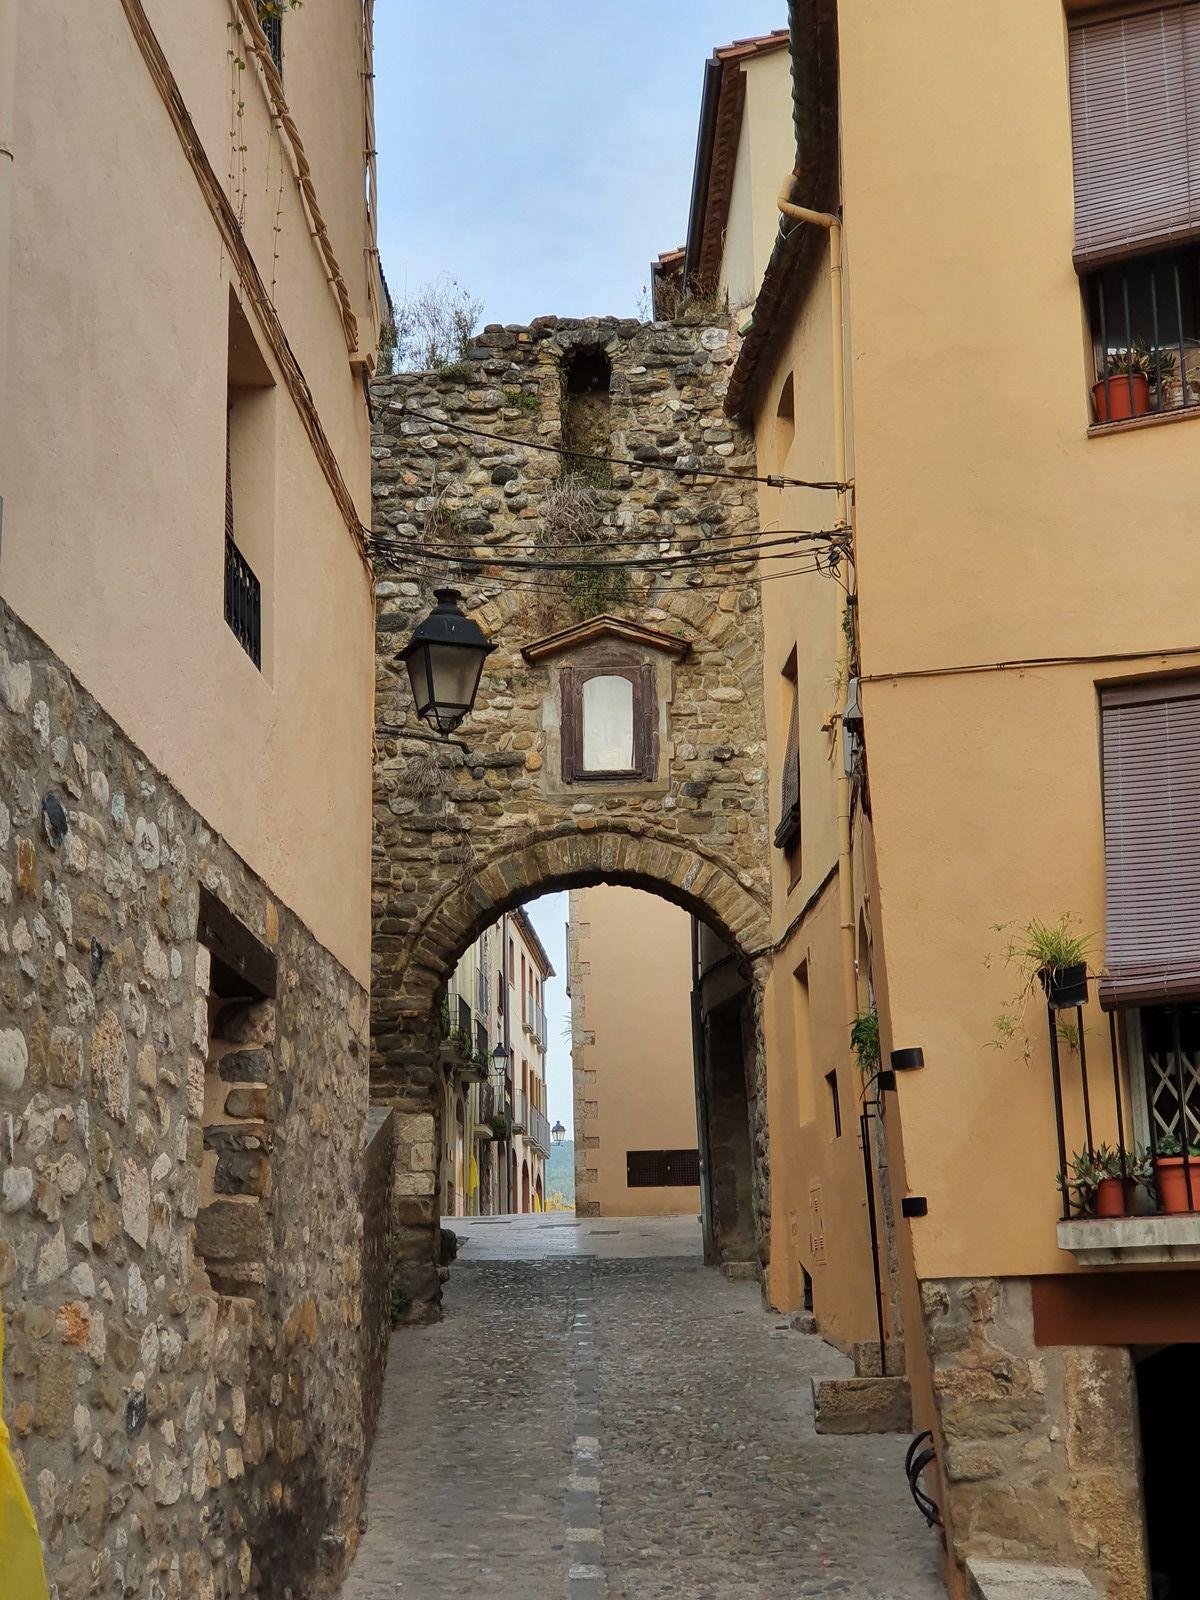 25 octobre 2020 - Ermita de Sant Ferriol à Besalú